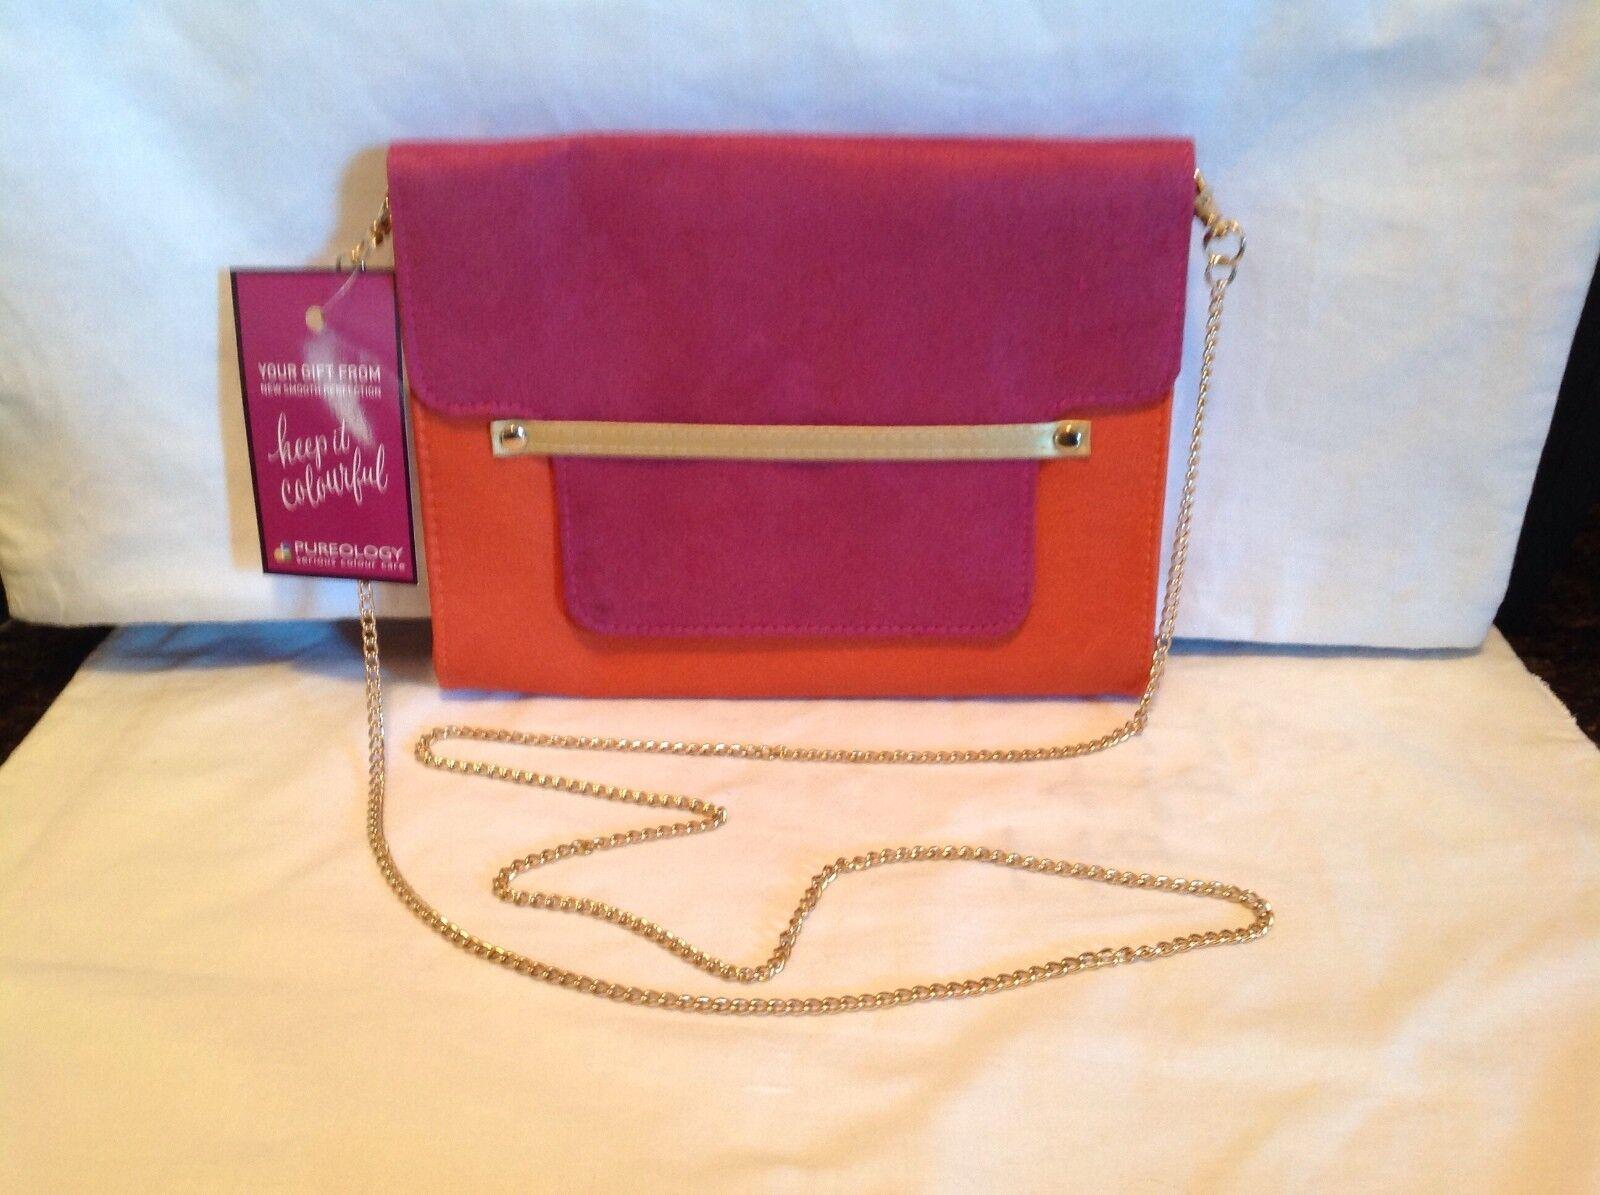 fdf9b81d38 Pureology Suede Leather Clutch Purse Dark Pink Orange Chain Strap ...